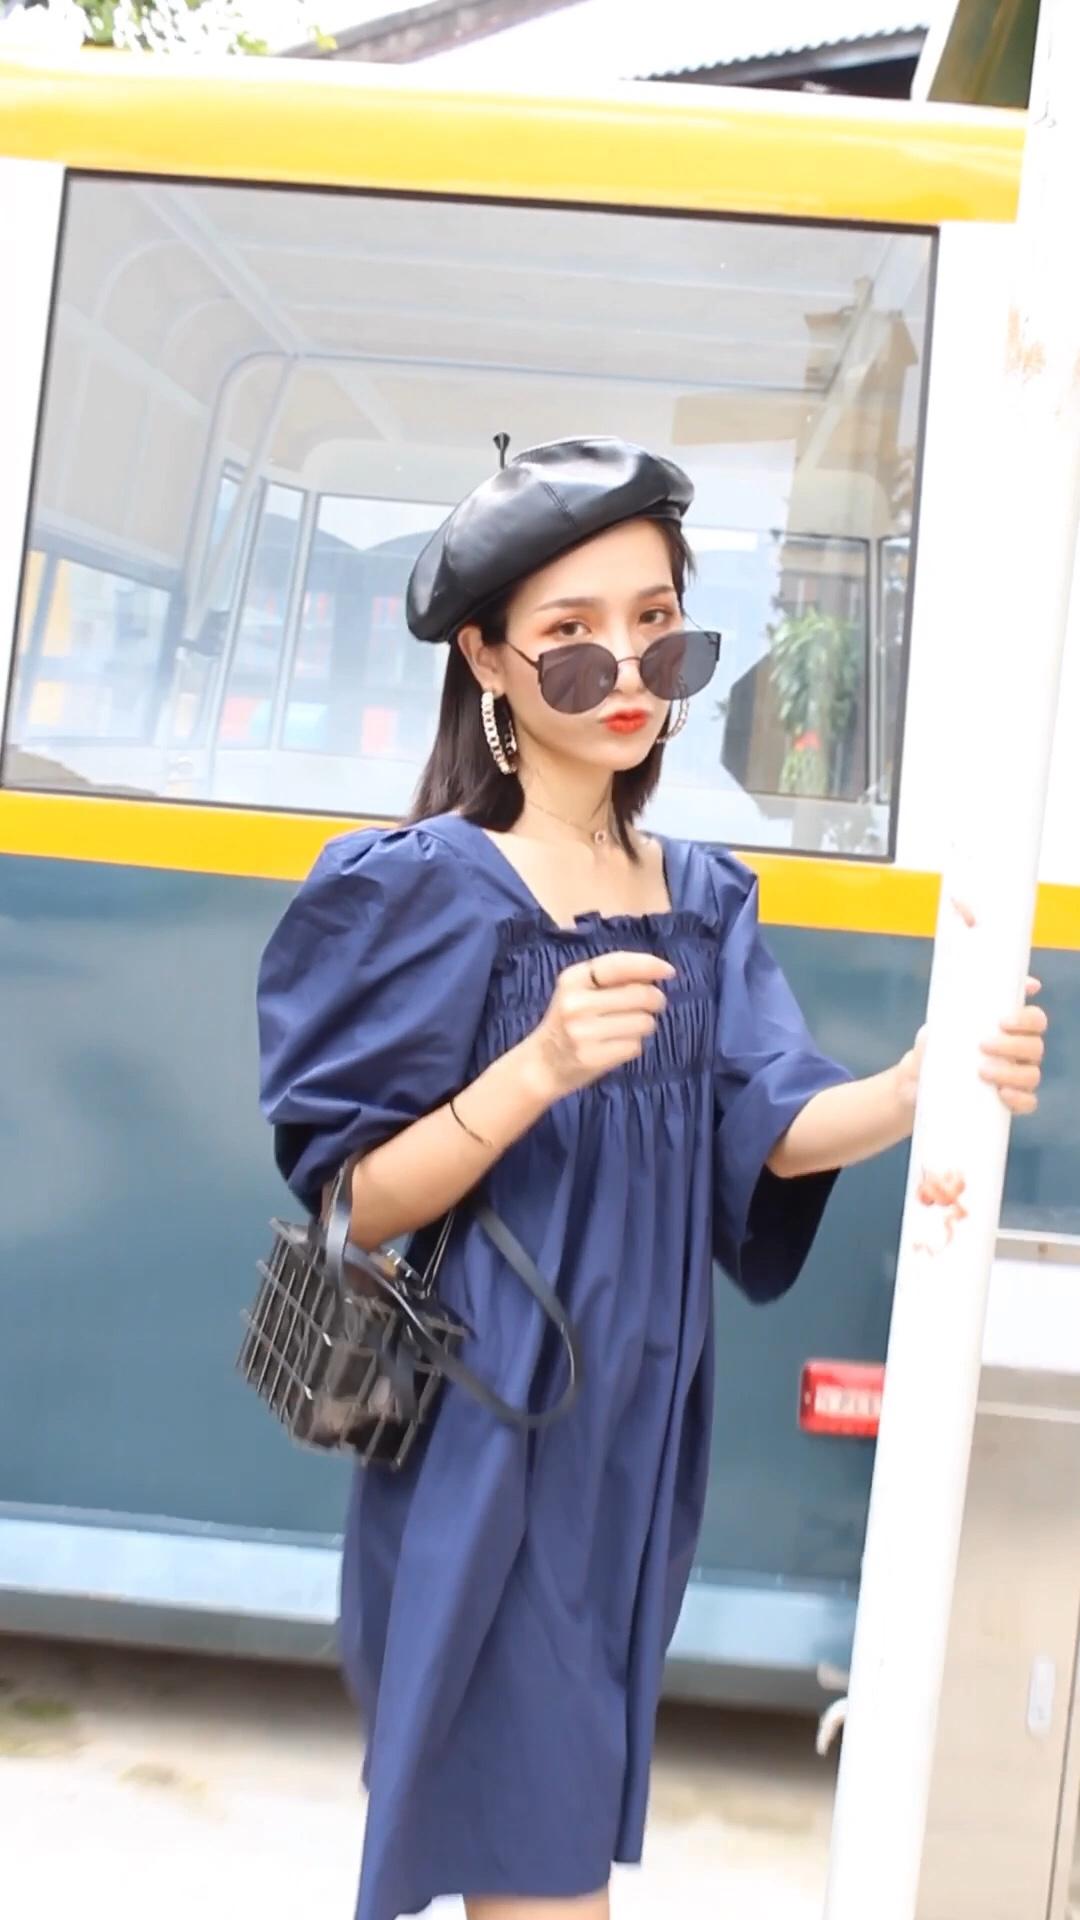 番茄分享🍅小个子穿搭指南|法式气质休闲风~ 给大家分享一套法式气质休闲风穿搭Look~ 希望大家能喜欢哦💕 一条蓝色的连衣裙超美的!又显白哦! 我搭配的是一双黑色的帆布鞋➕一双堆堆袜➕一个黑色的铁栏包包➕一个贝雷帽~ 这样的穿搭你会喜欢吗💕 喜欢记得点赞收藏➕关注我哦! 我会每周都给大家更新不同的穿搭秘诀呢#夏日收官look大比拼#